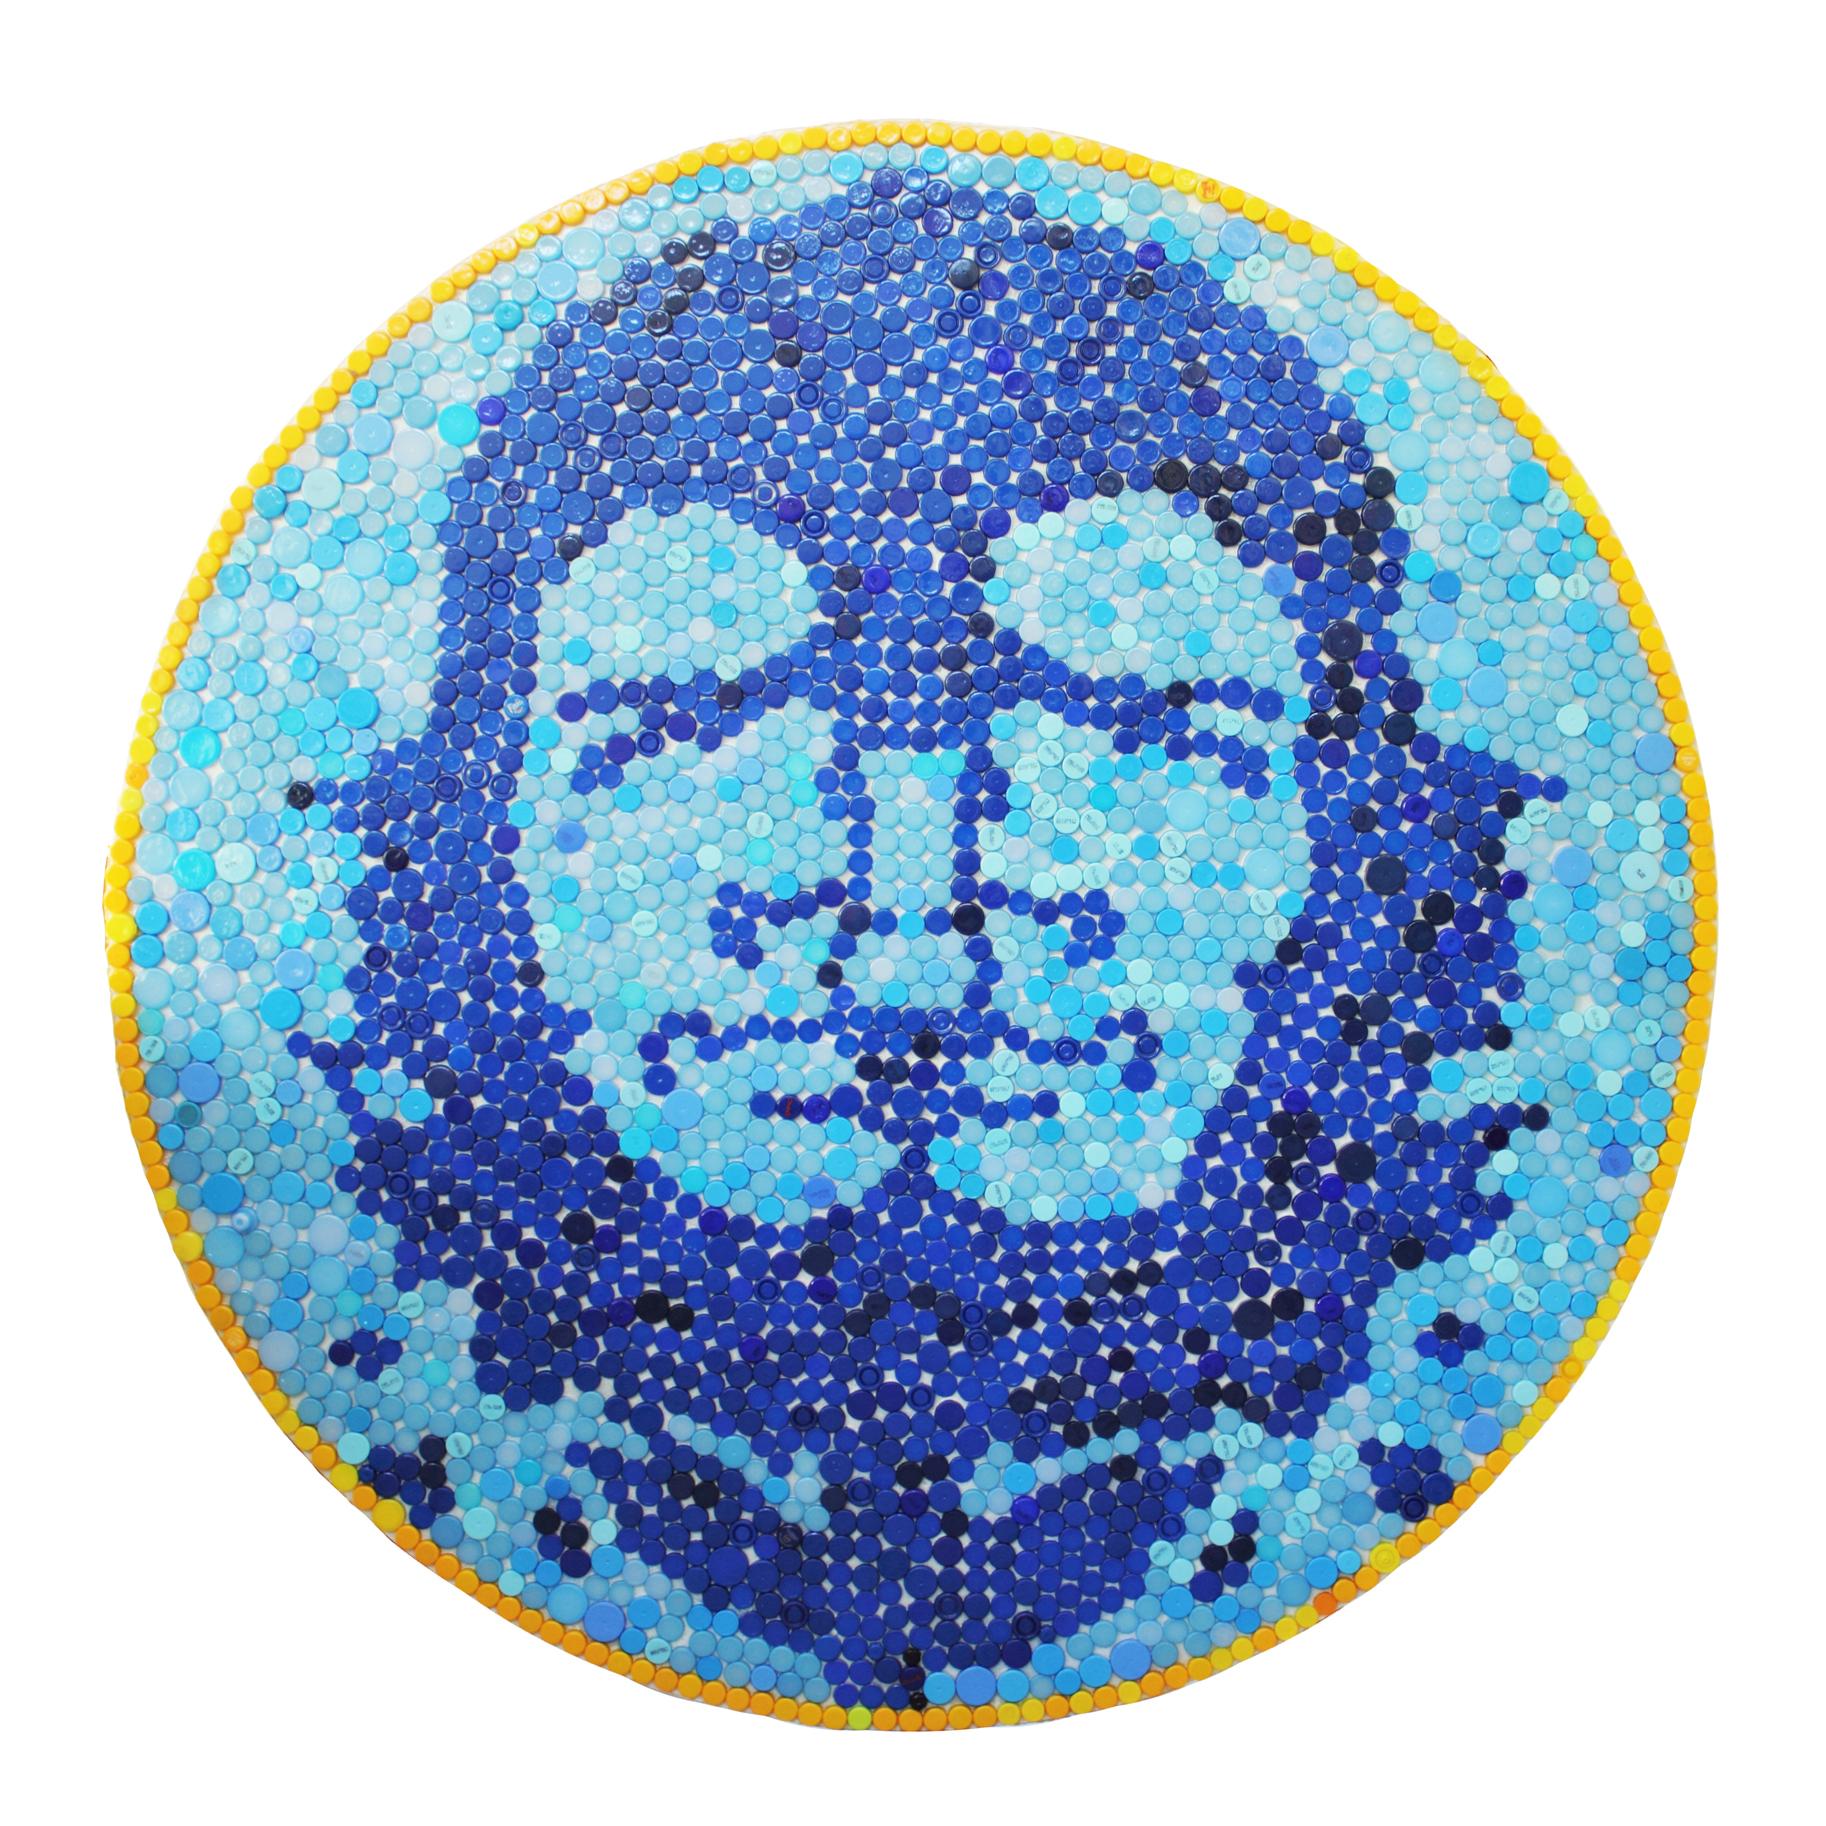 Rodrigo Oliveira | Una Cuba libre por favor #2, 2010 | Tampas de diferentes cores e dimensões coladas com resina epoxy crystal em madeira pintada | 200 cm de diâmetro